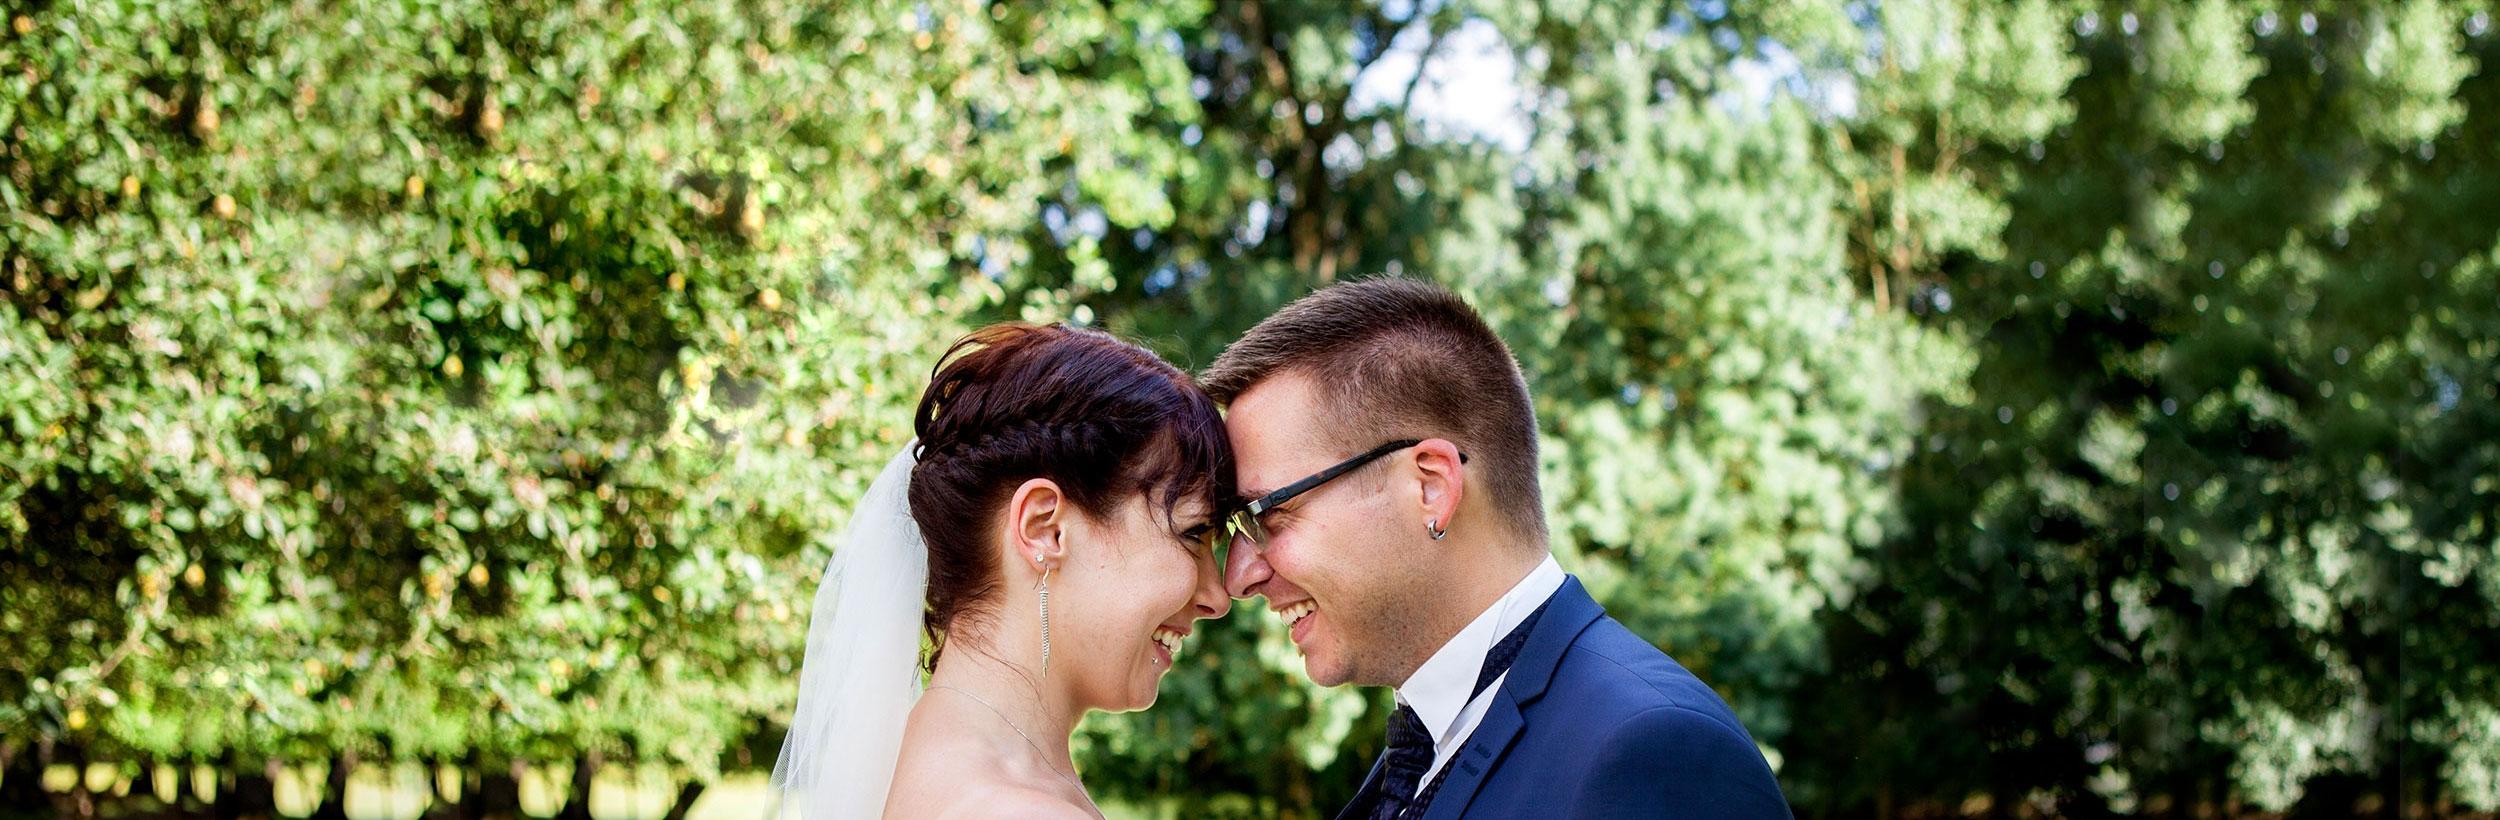 mariage-aurelie-geoffrey-pagetop